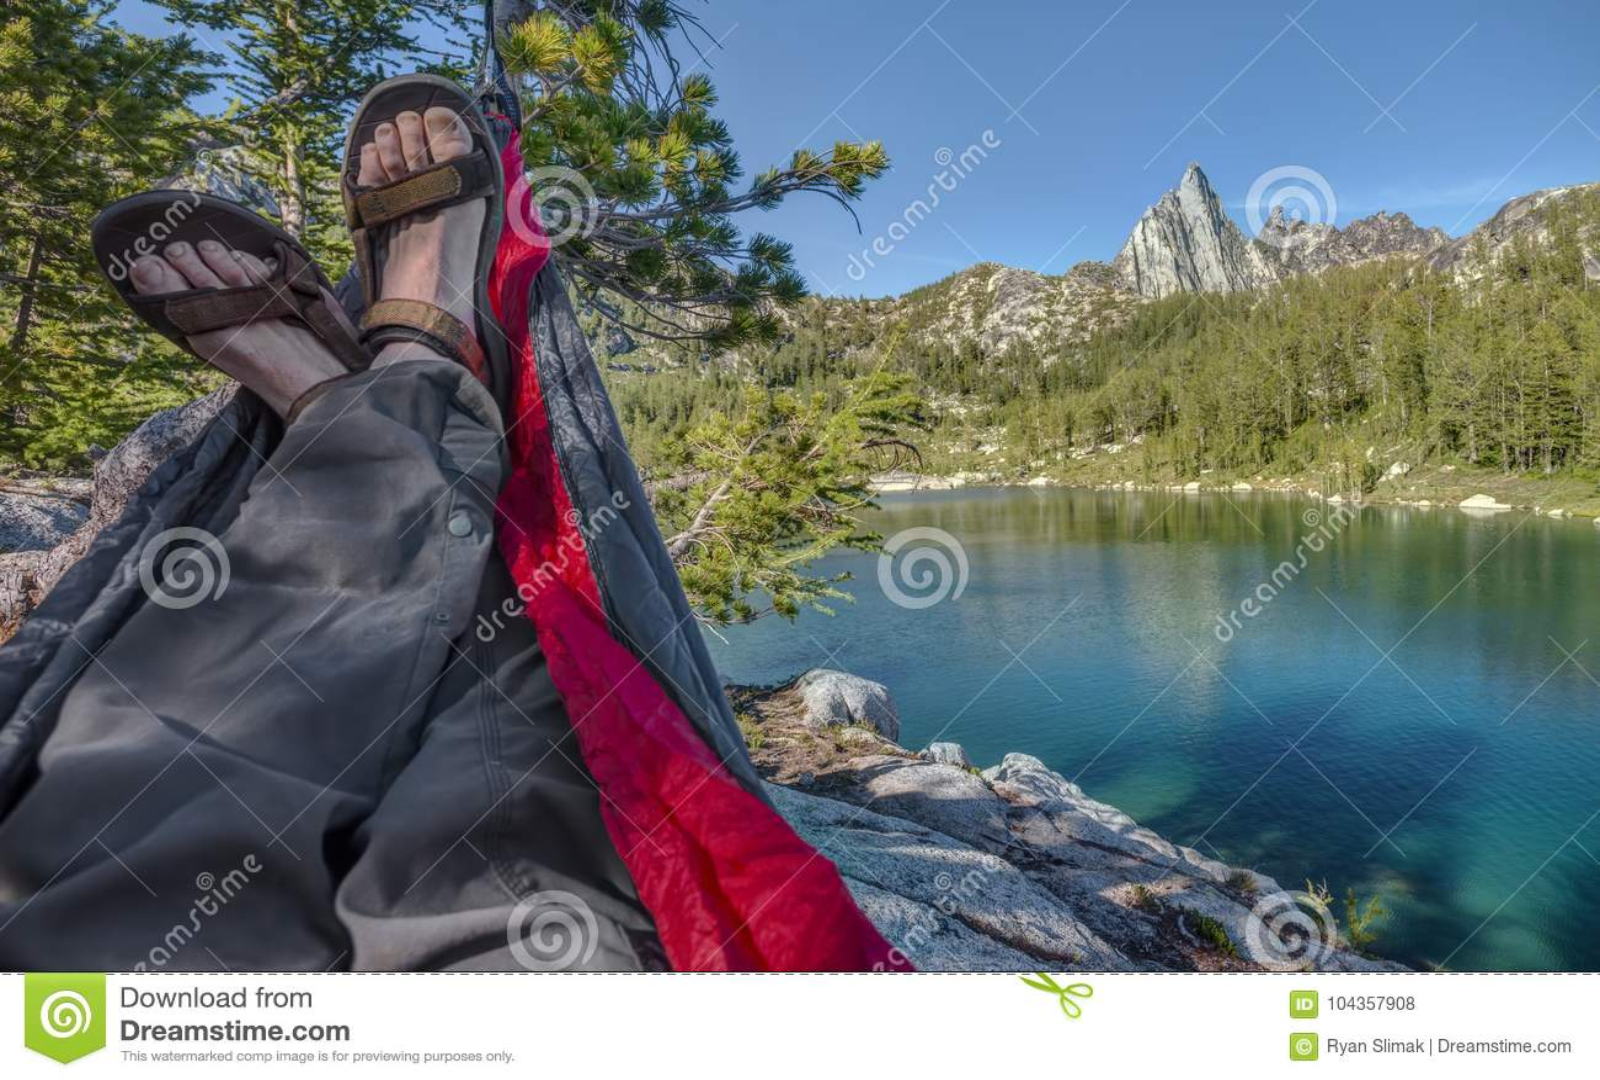 Wandelaarzitkamers in Hangmat over Alpien Meer